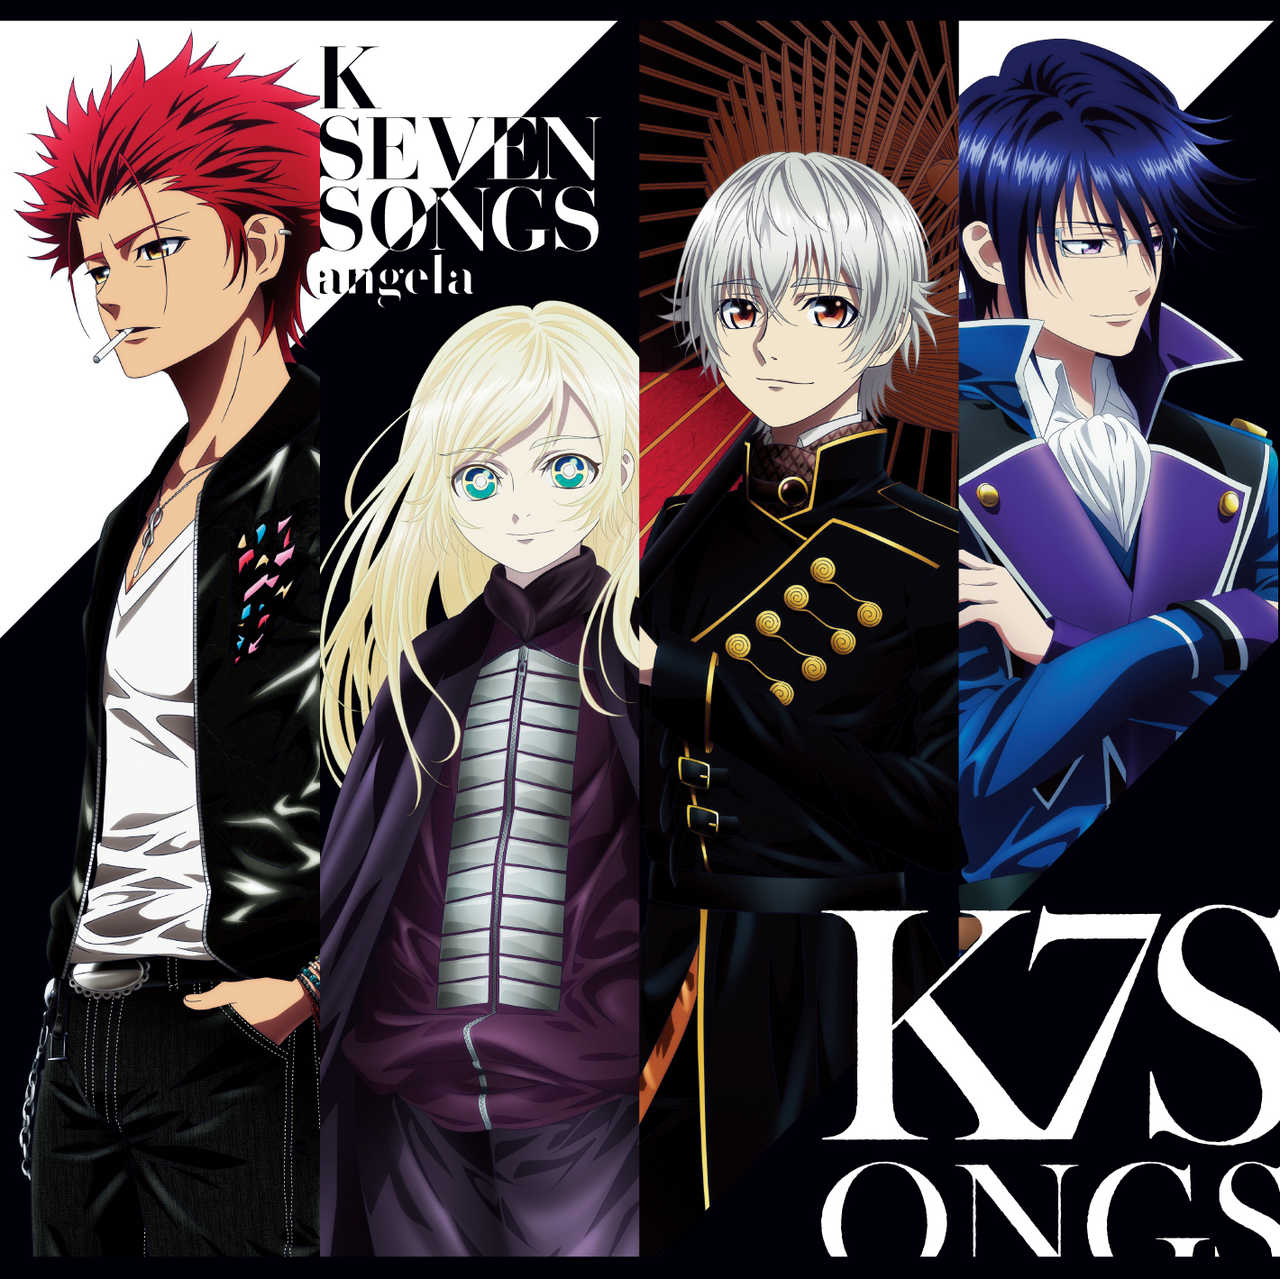 ミニアルバム『K SEVEN SONGS』